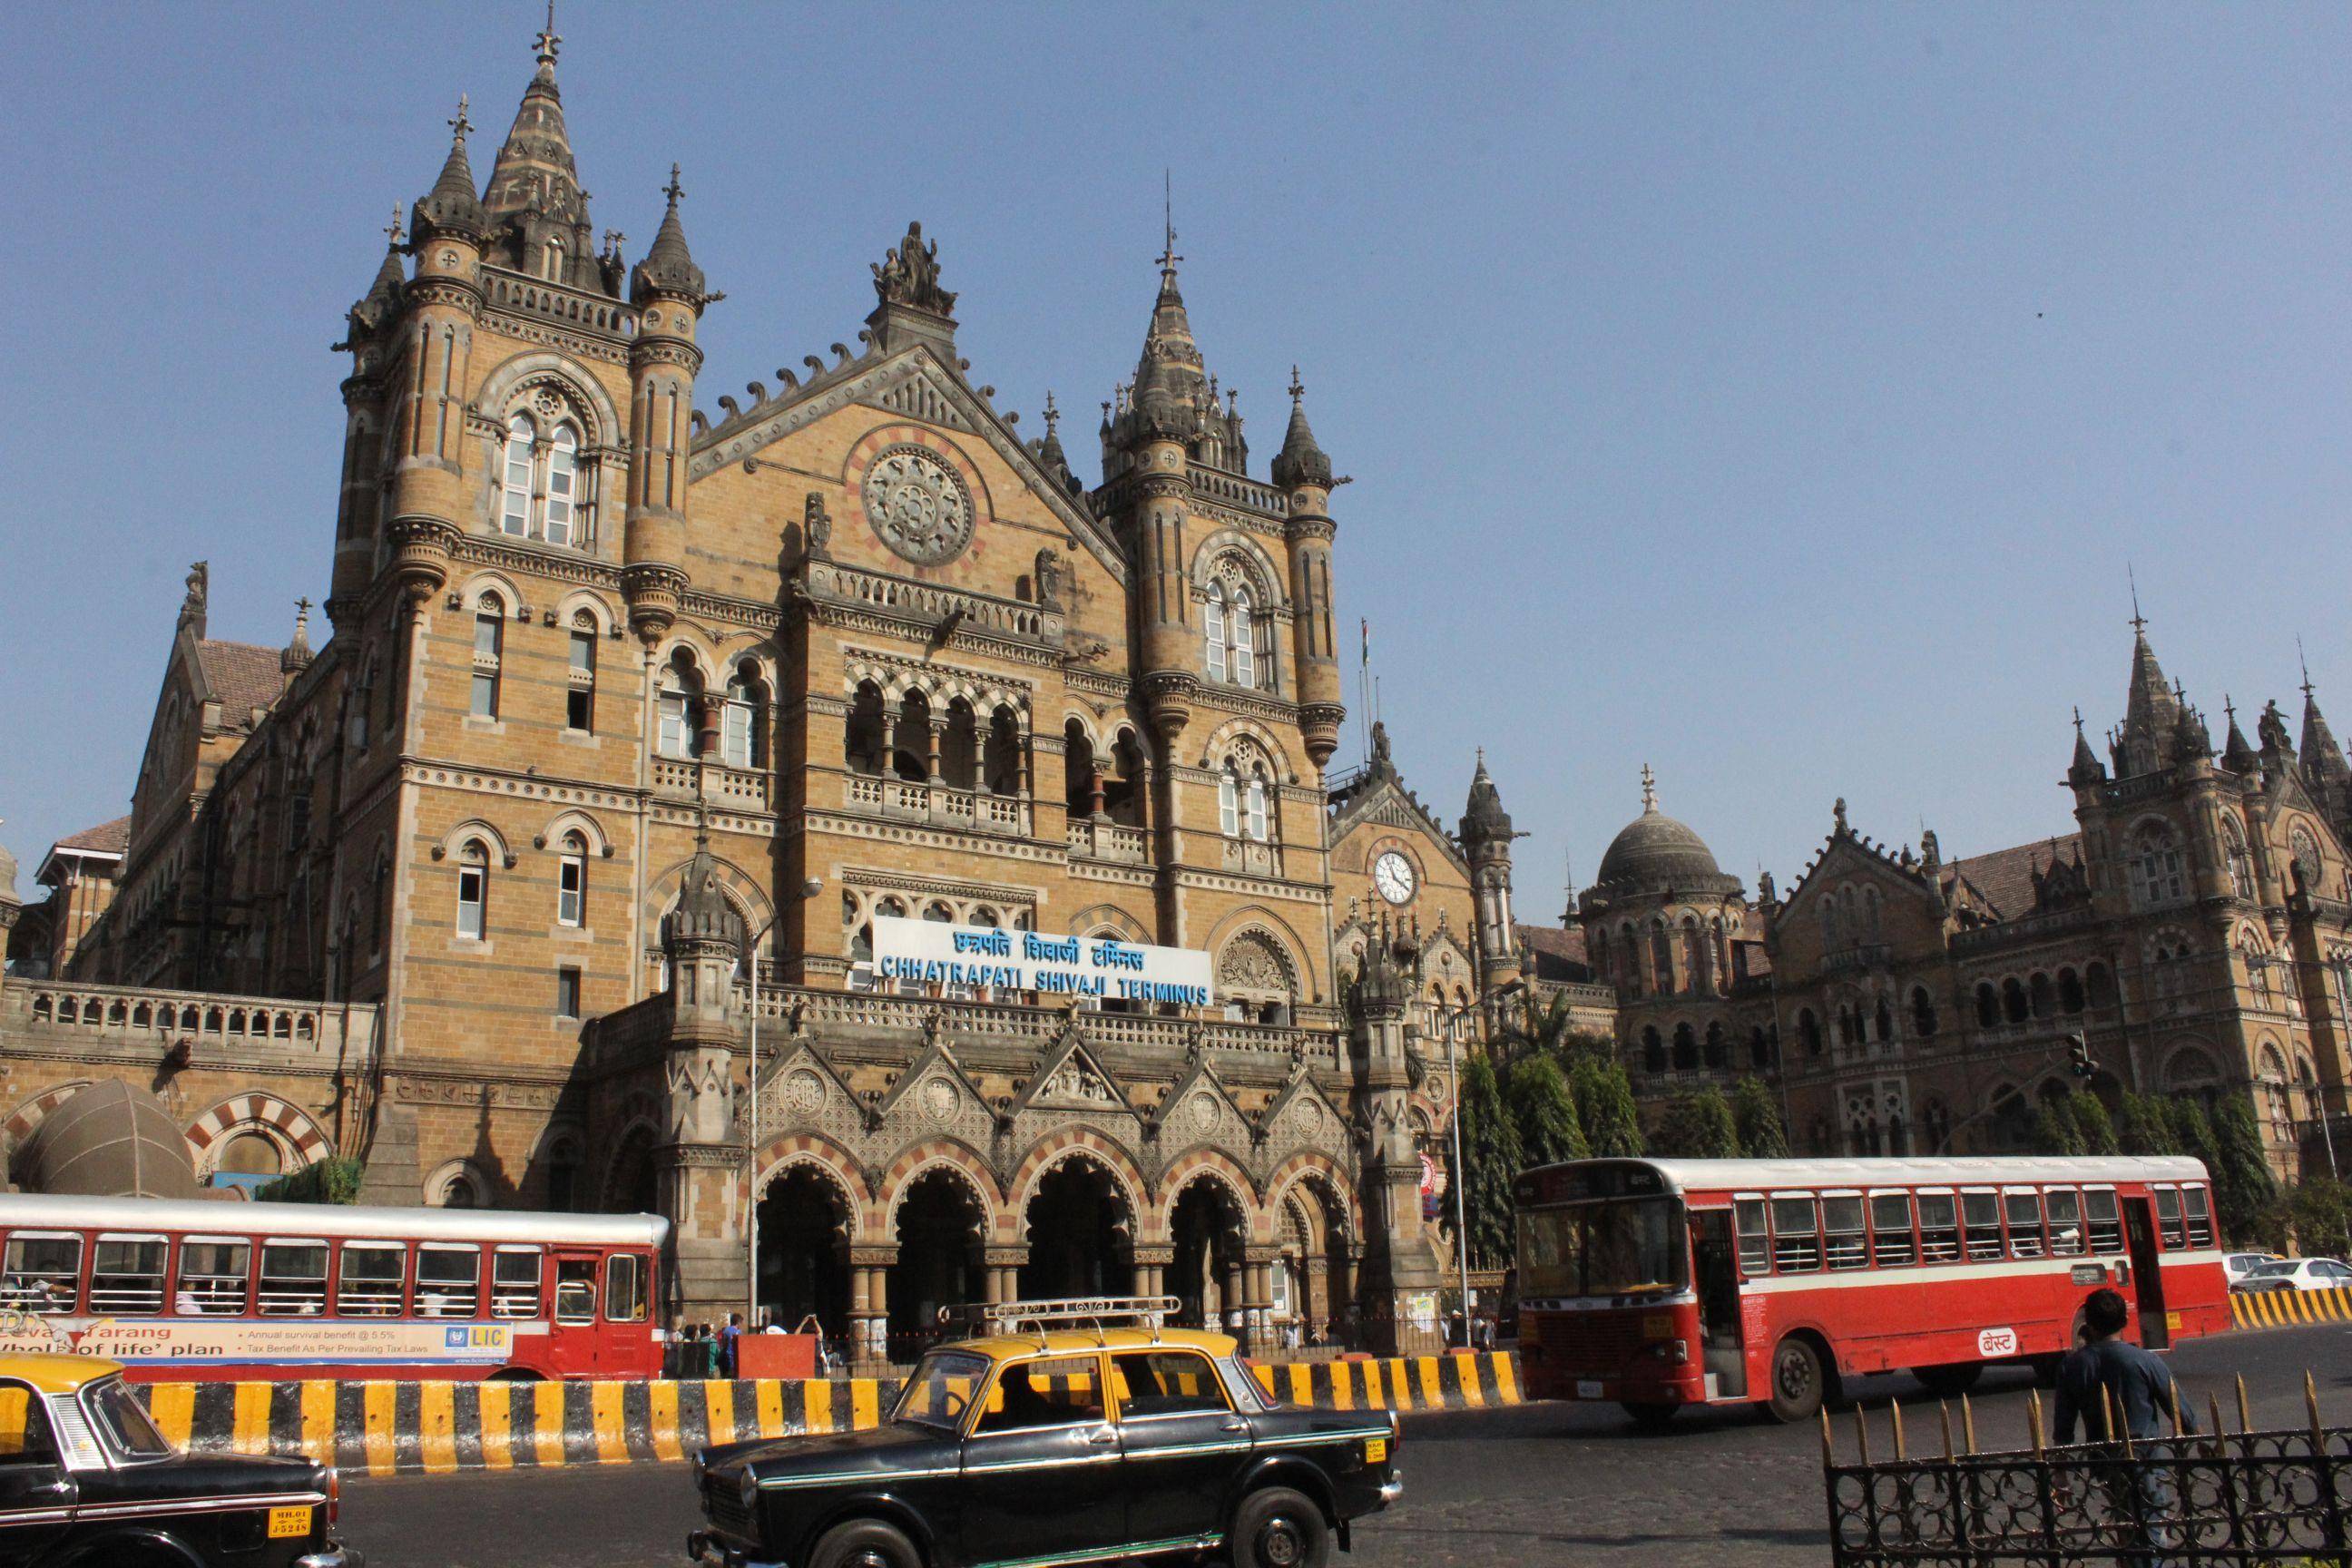 Zoznamka Mumbaiako sa datovania vzťah k ďalšej úrovni